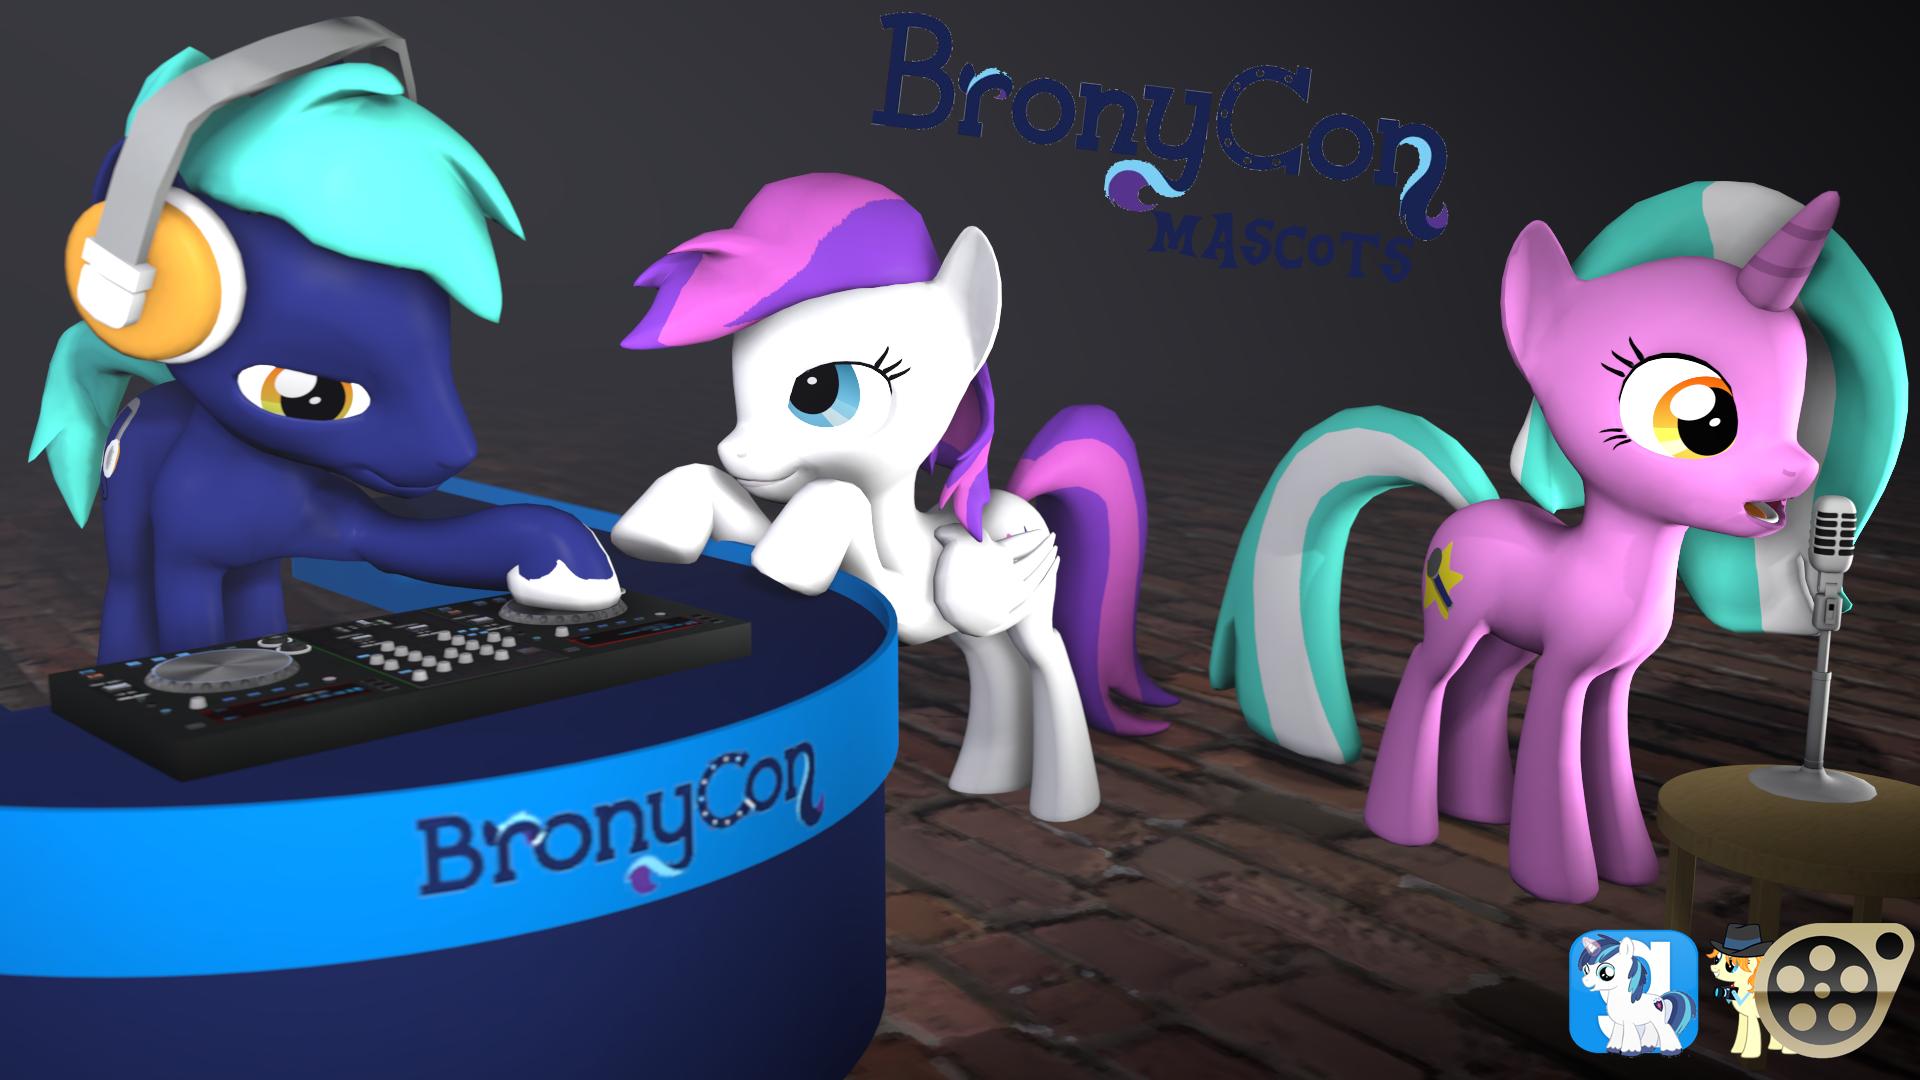 [DL] Bronycon Mascot by BeardedDoomGuy on DeviantArt